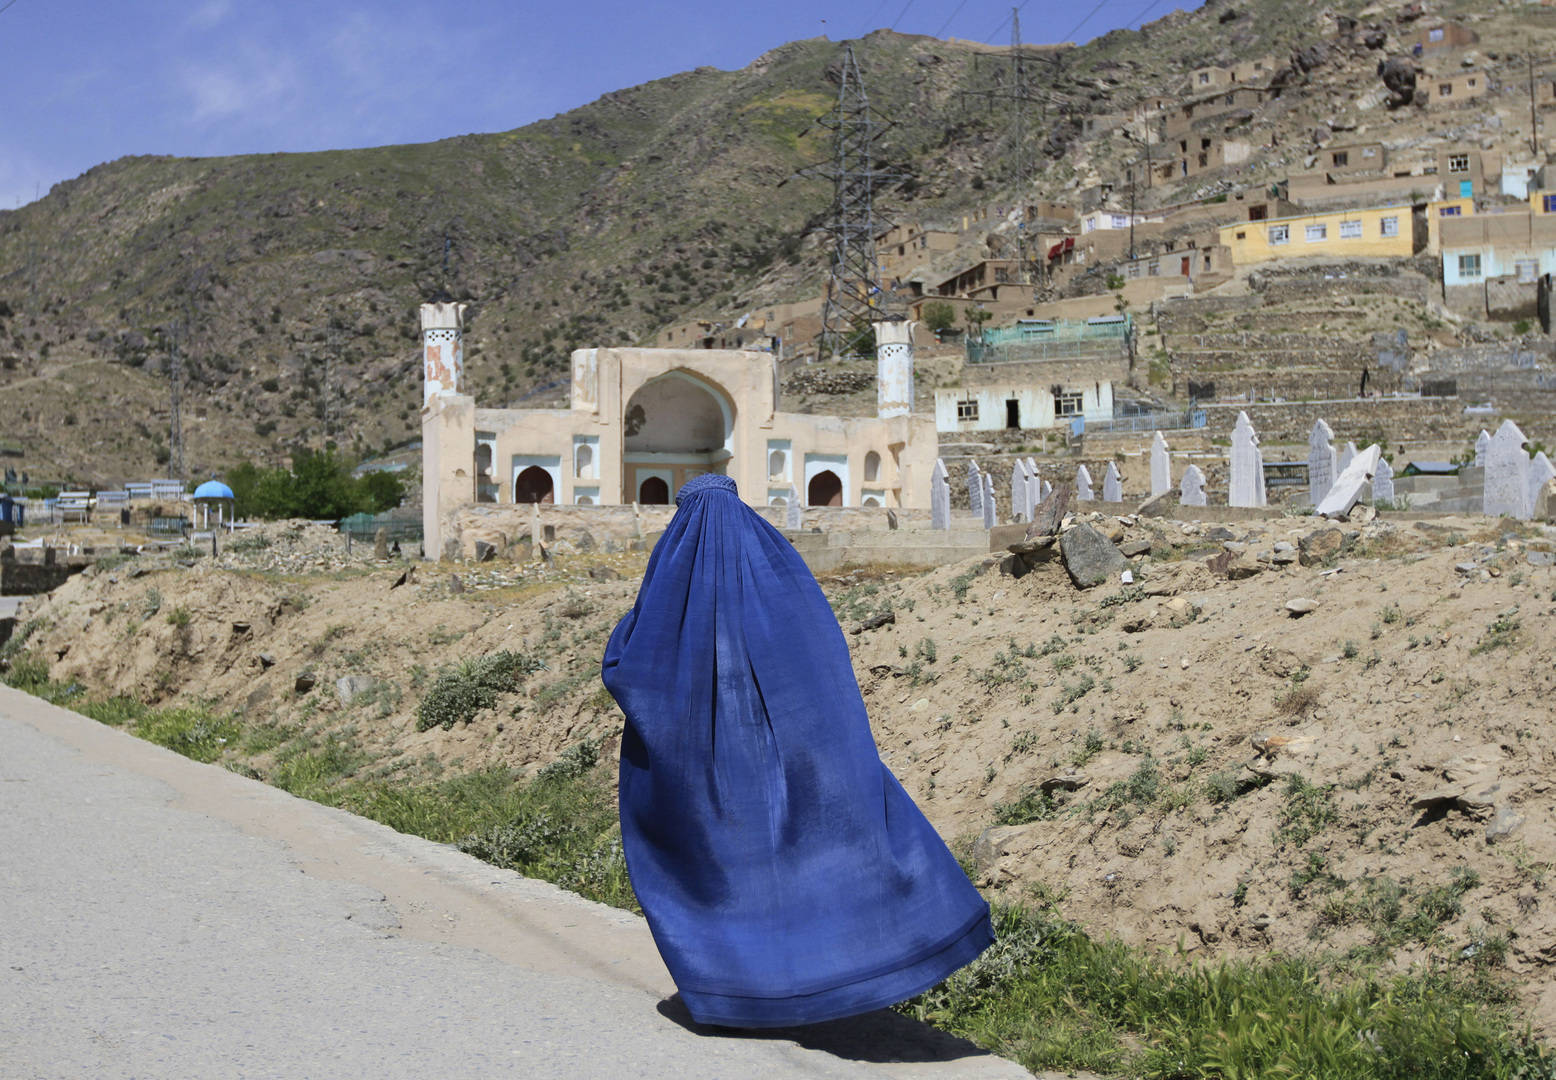 المراهقة الأفغانية التي قتلت اثنين من